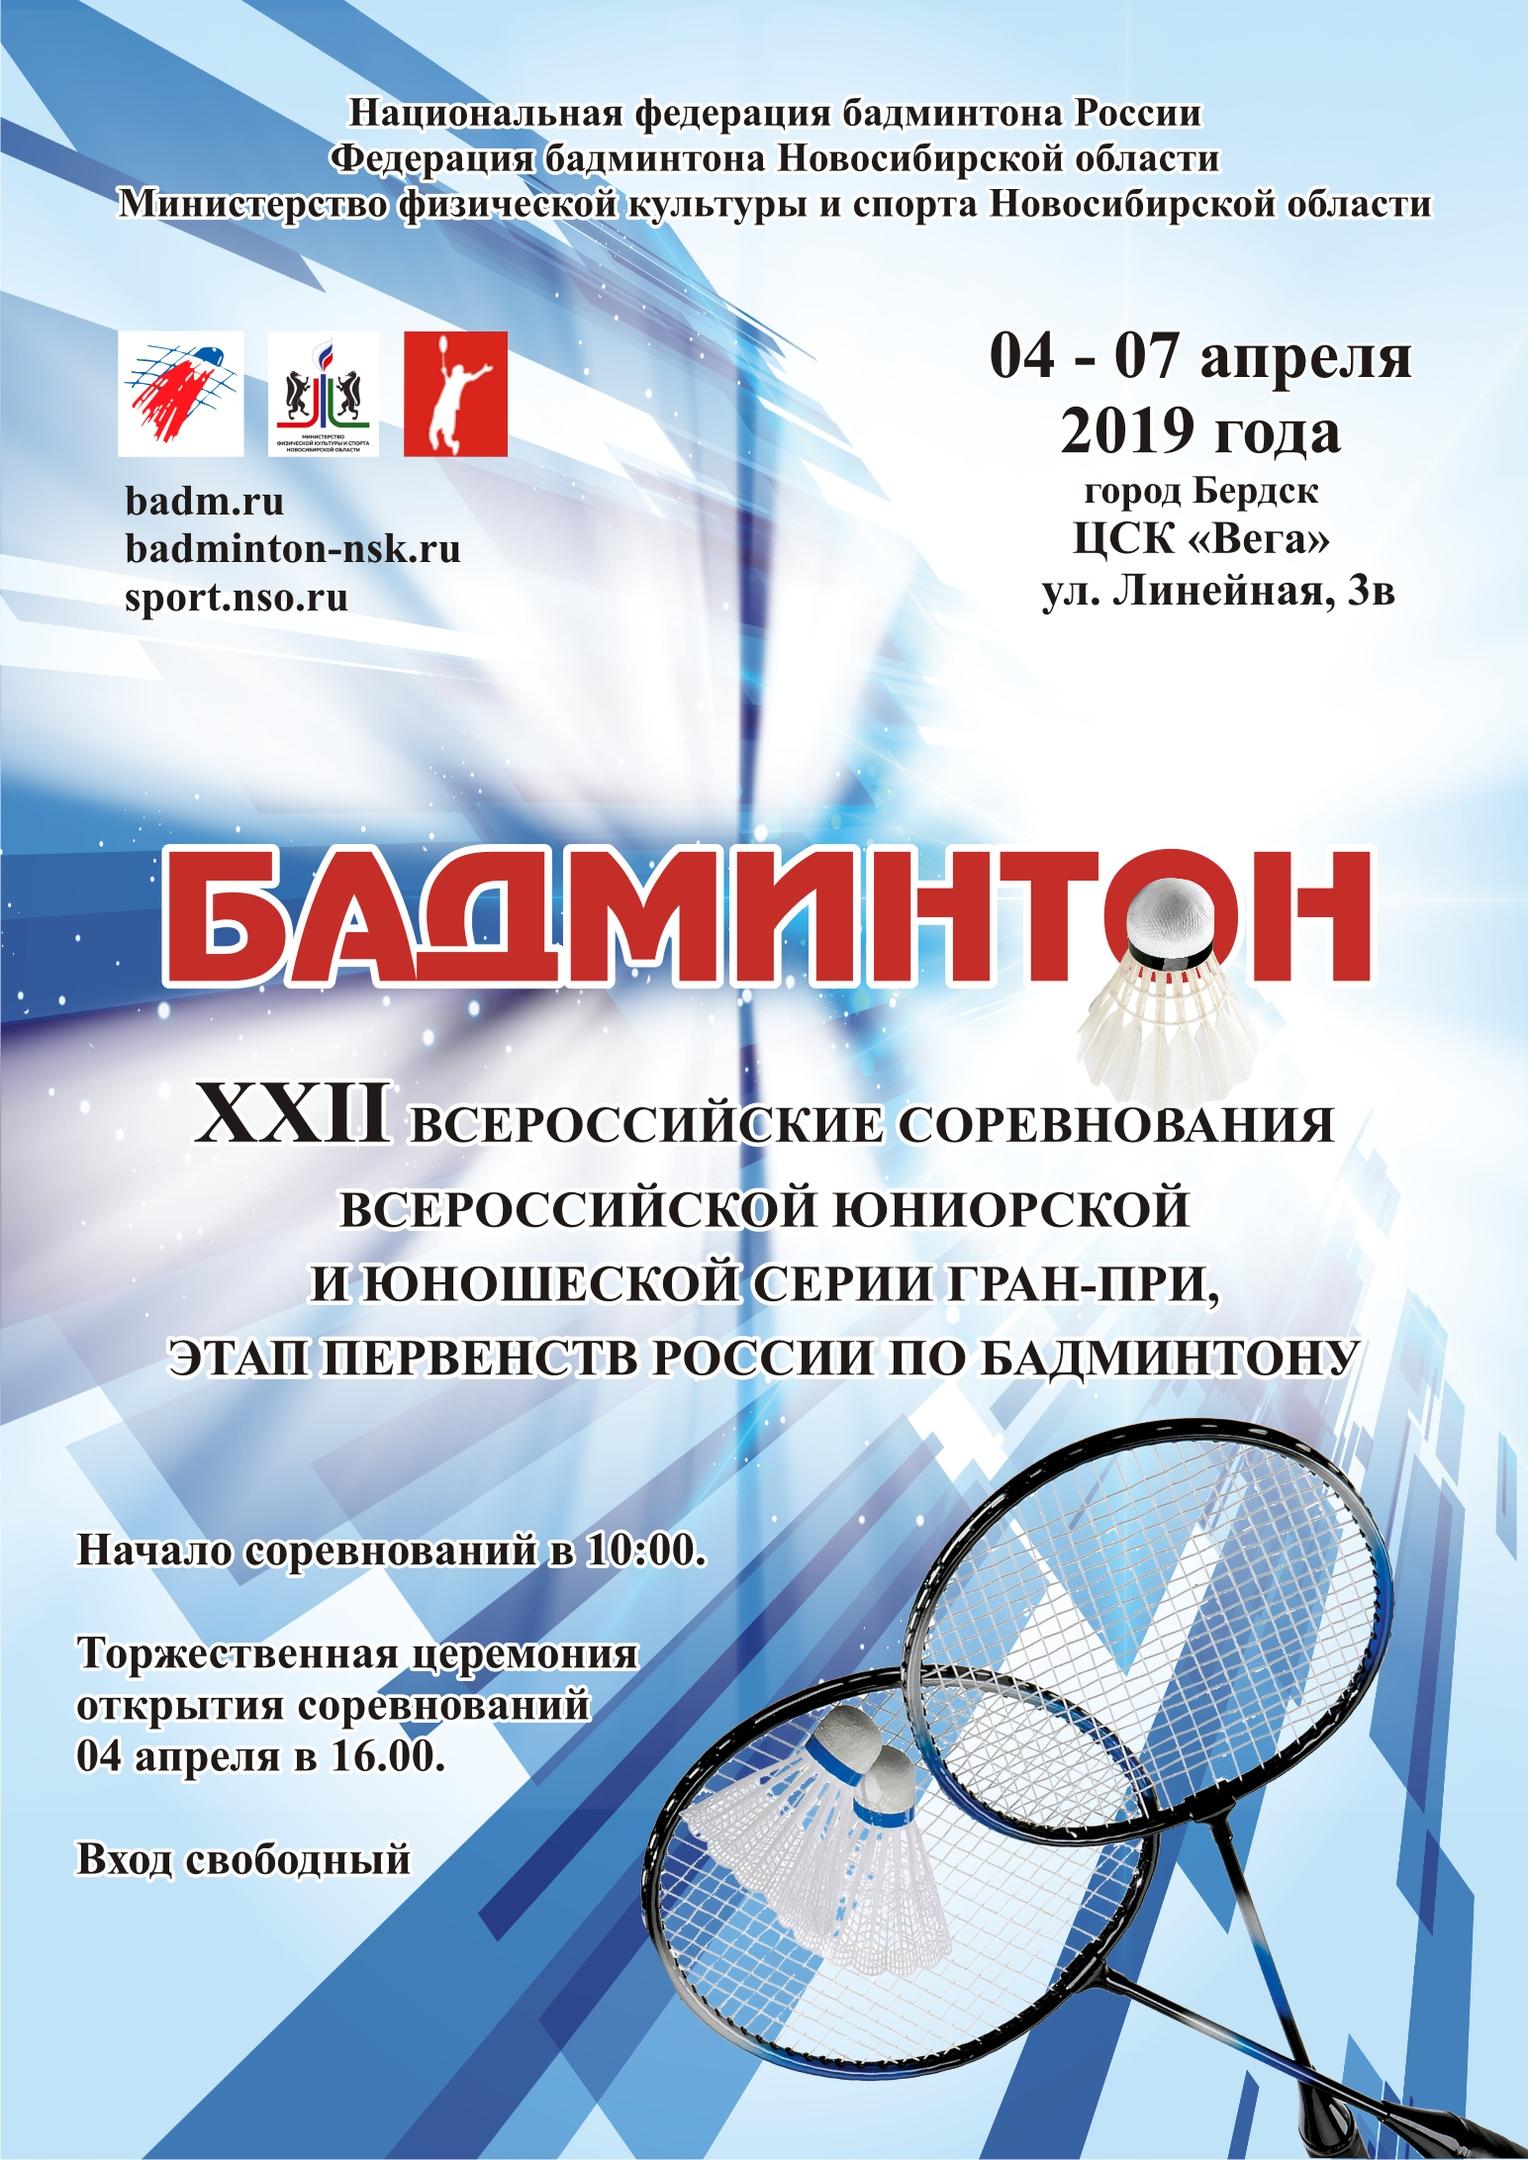 XXII Всероссийские соревнования всероссийской юниорской и юношеской серии гран-при, этап первеств России по бадминтону